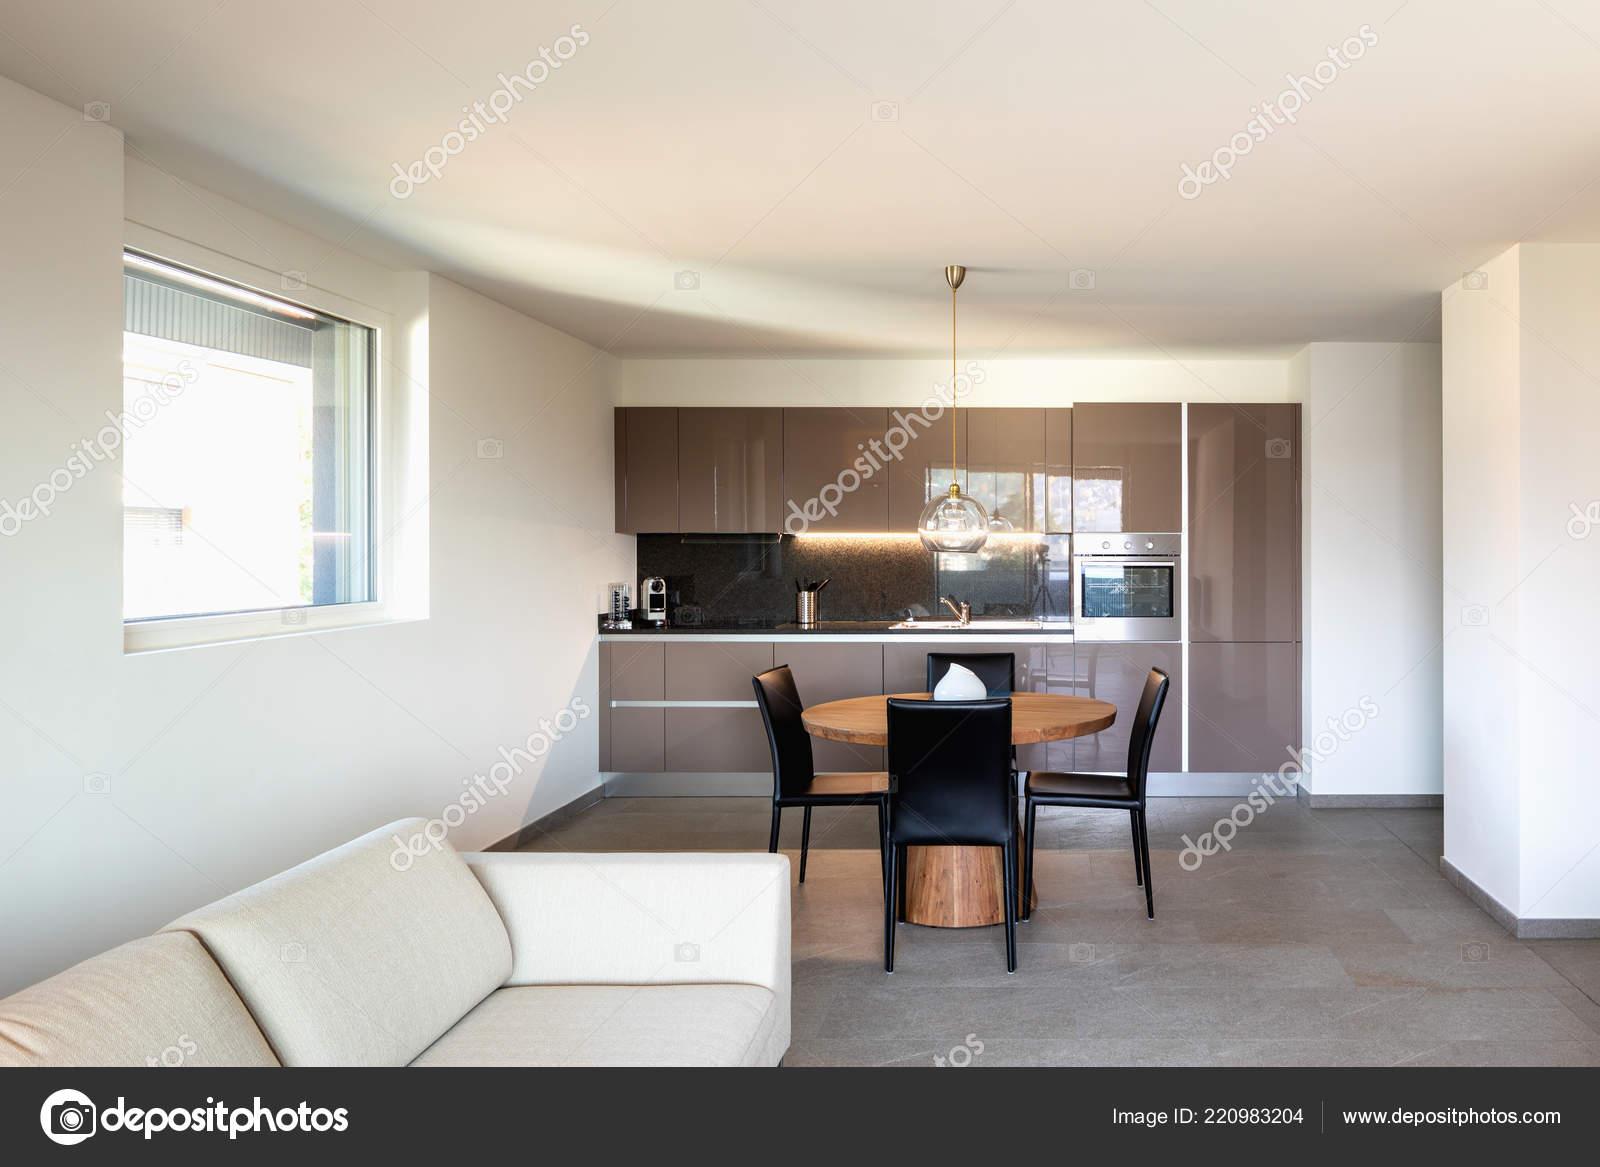 Moderno Appartamento Soggiorno Cucina Spazio Aperto Nessuno All ...